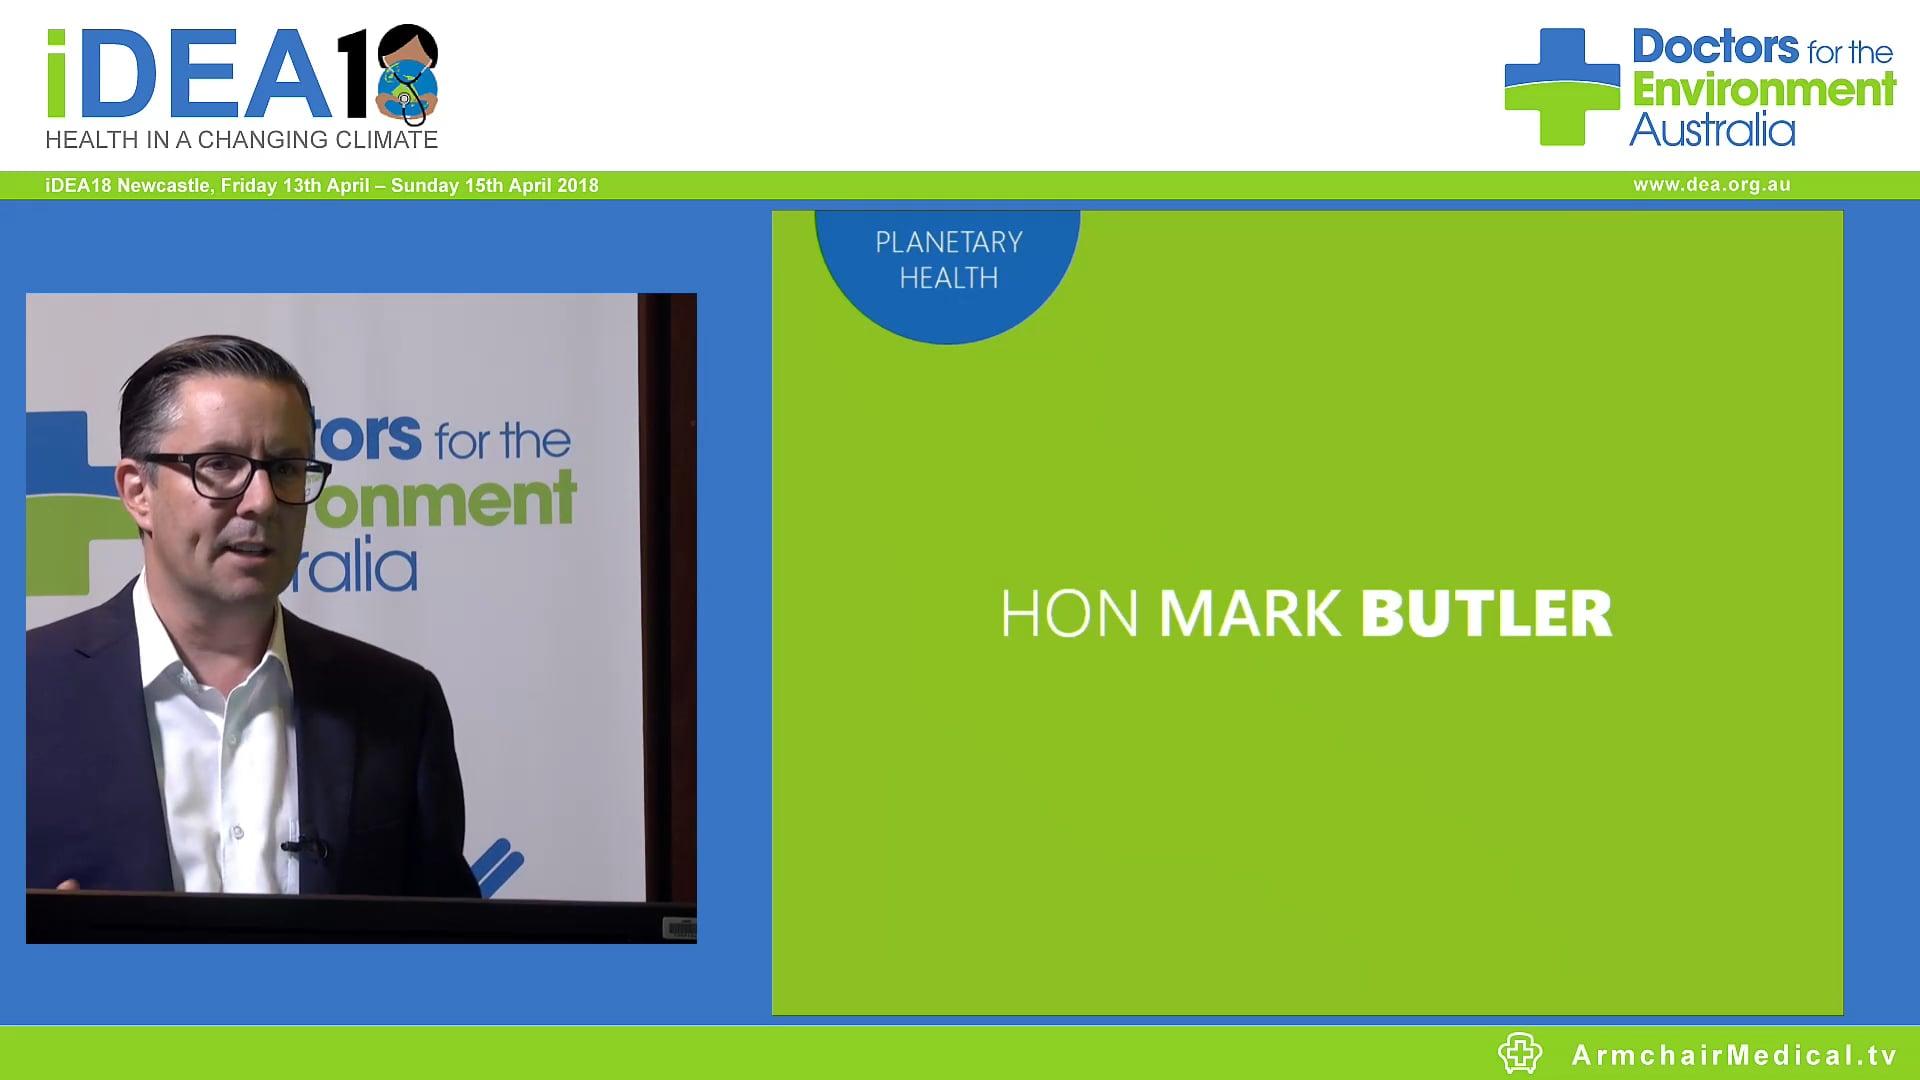 Hon Mark Butler